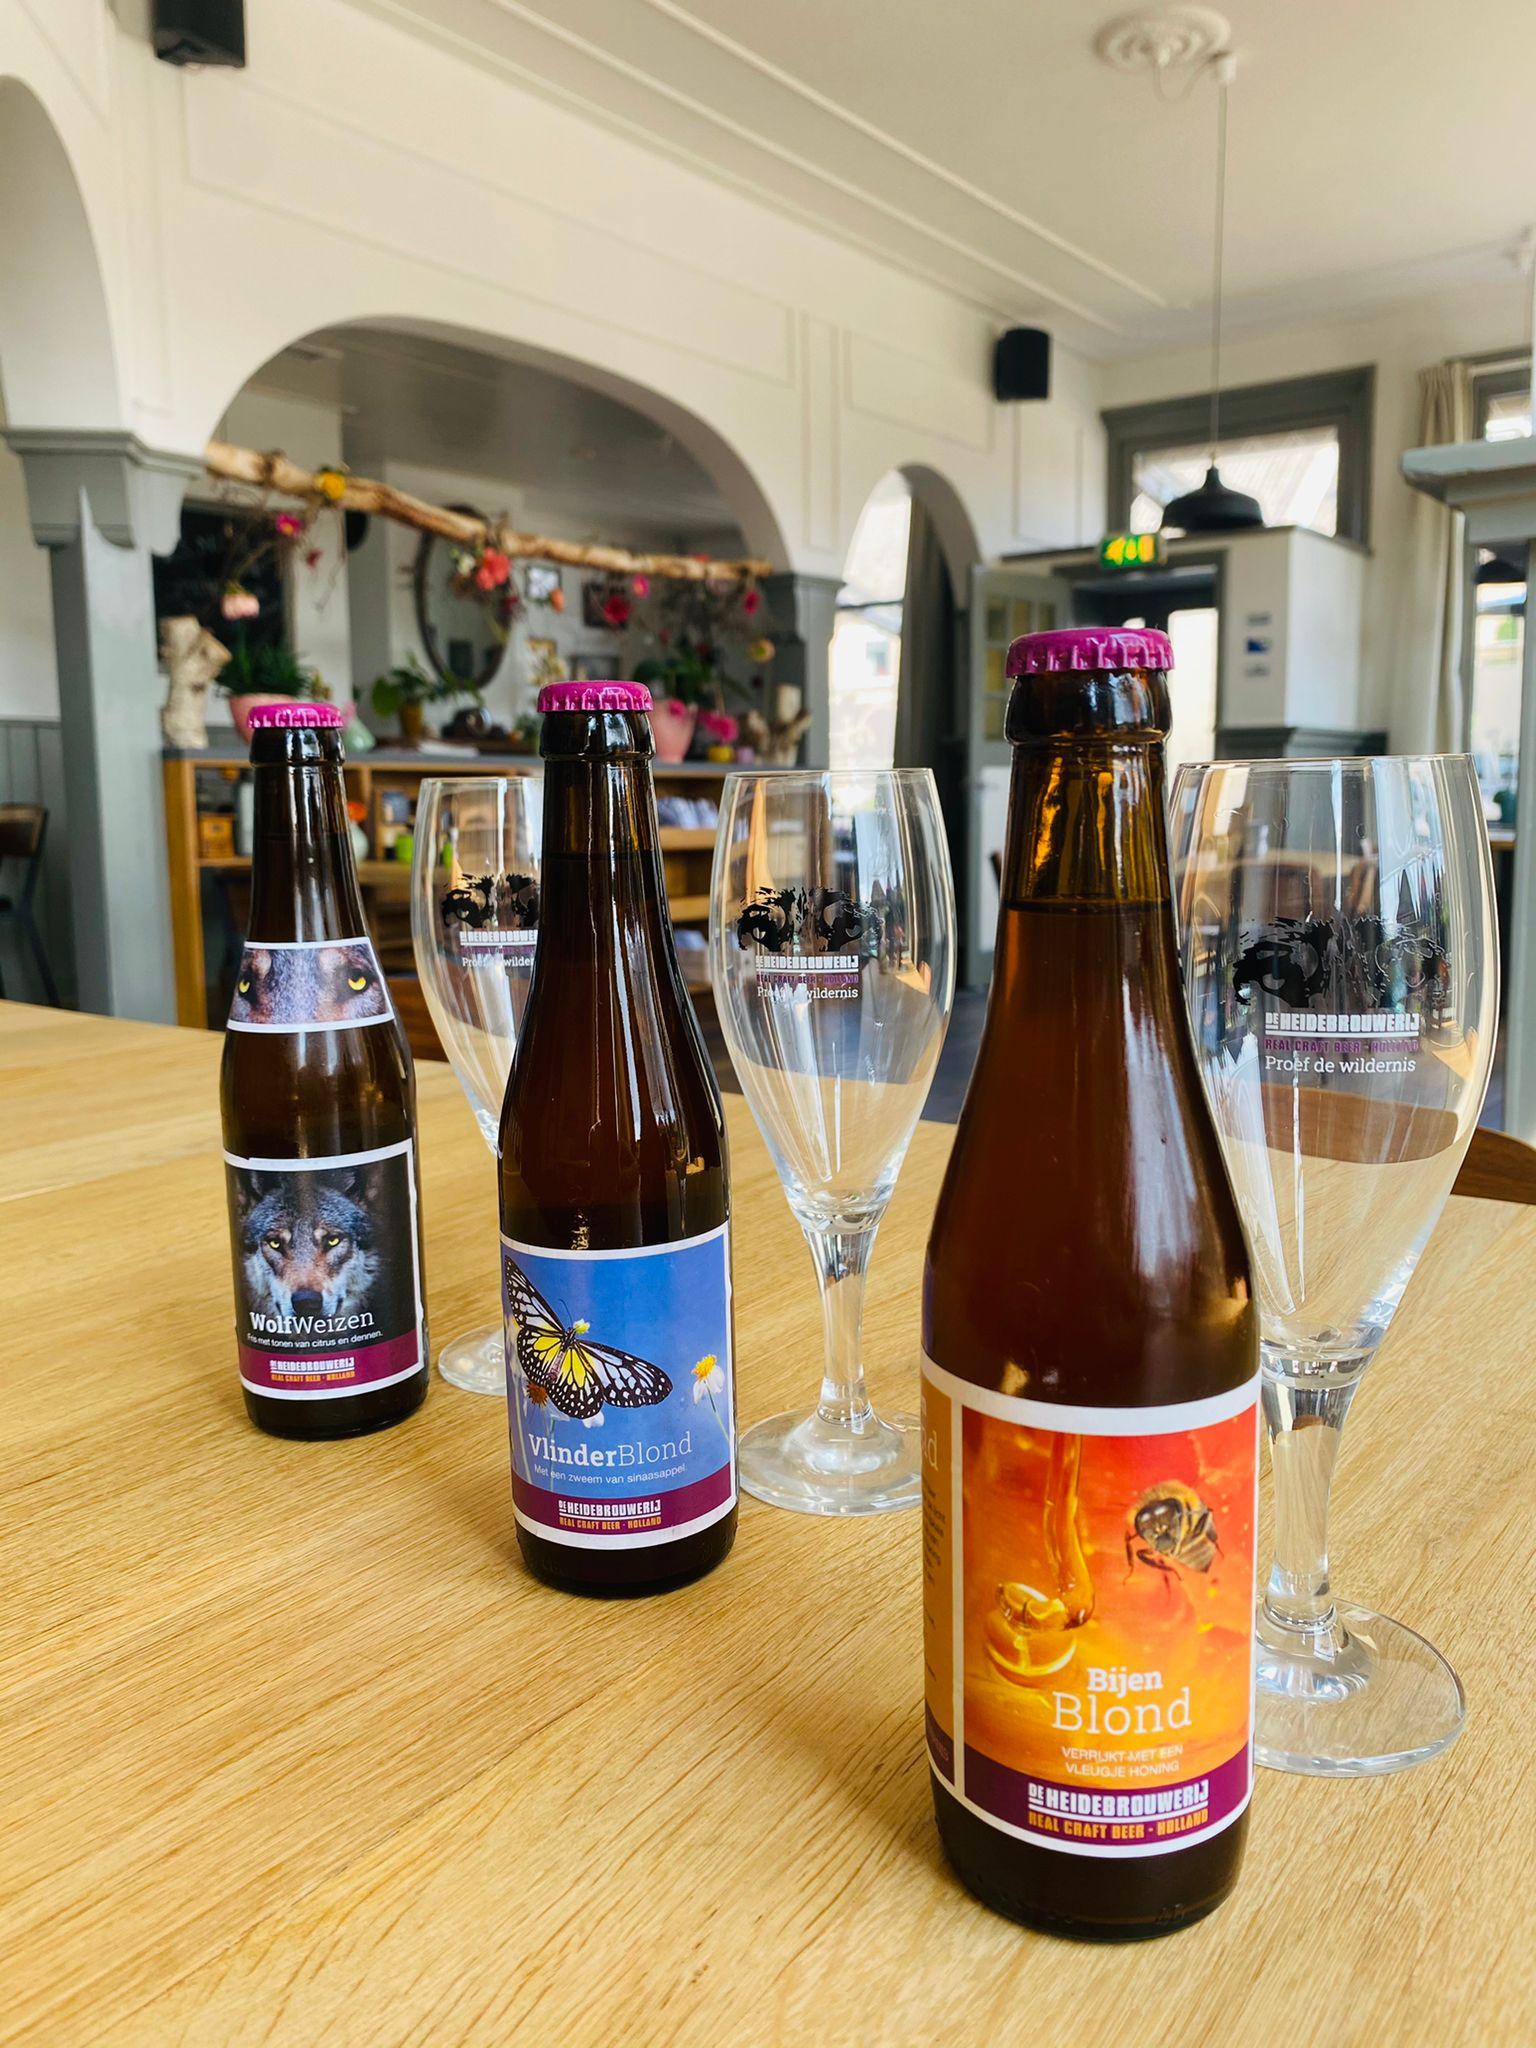 Nieuwe biertjes van De heide Brouwerij!